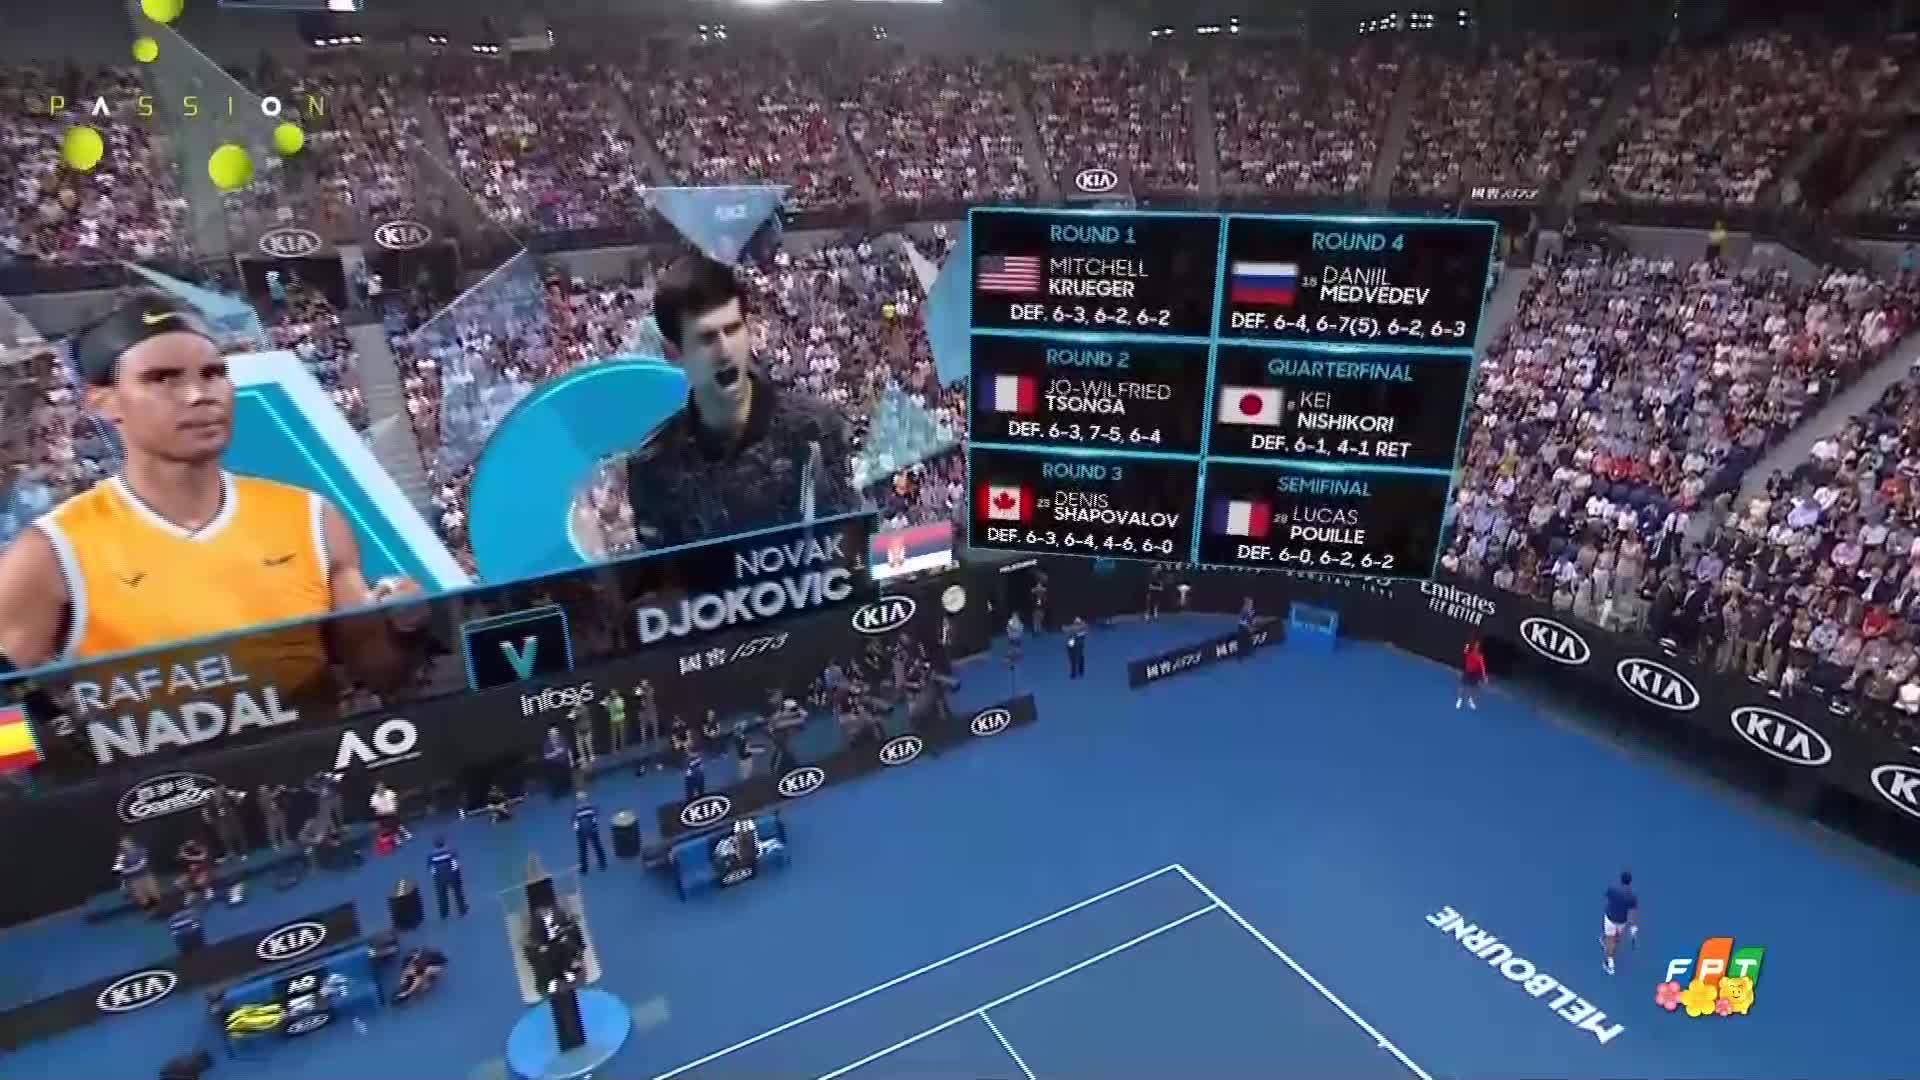 Nadal 0-3 Djokovic